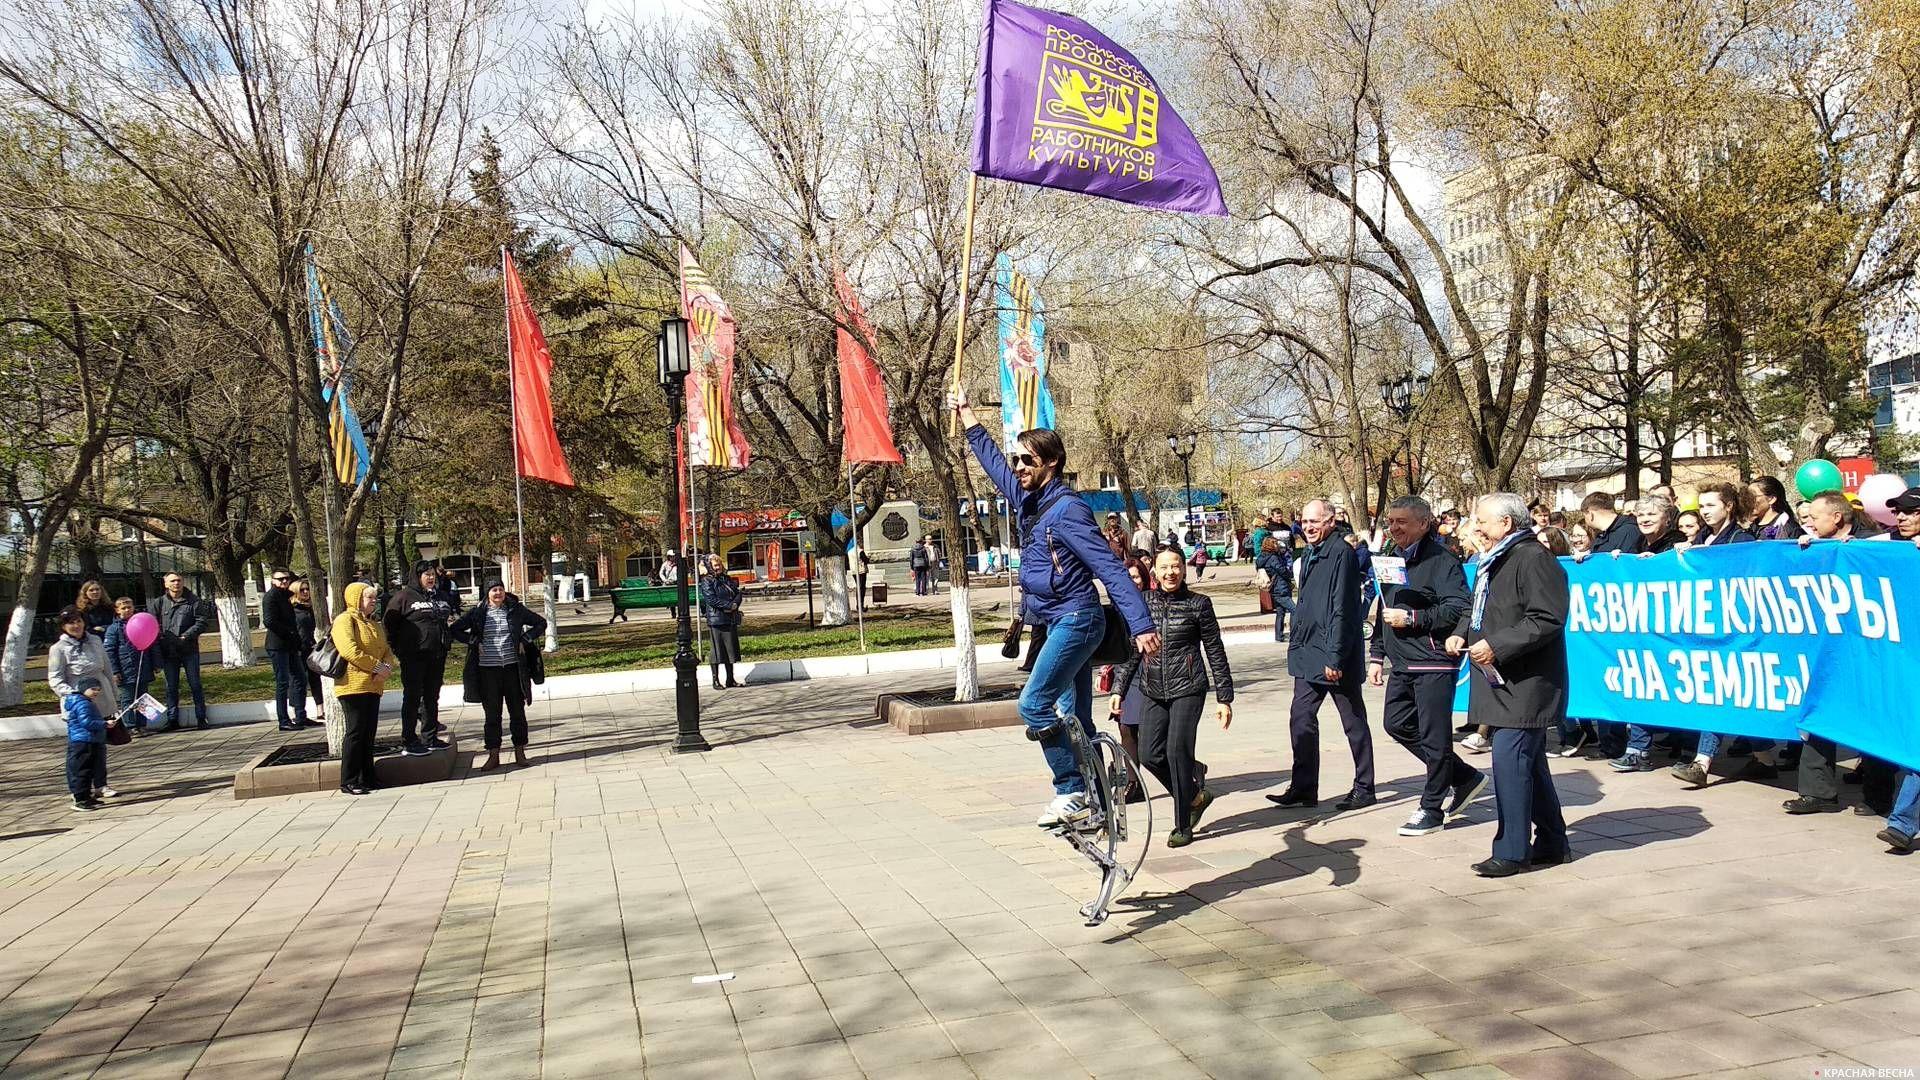 Профсоюз работников культуры на демонстрации 1 мая в Оренбурге